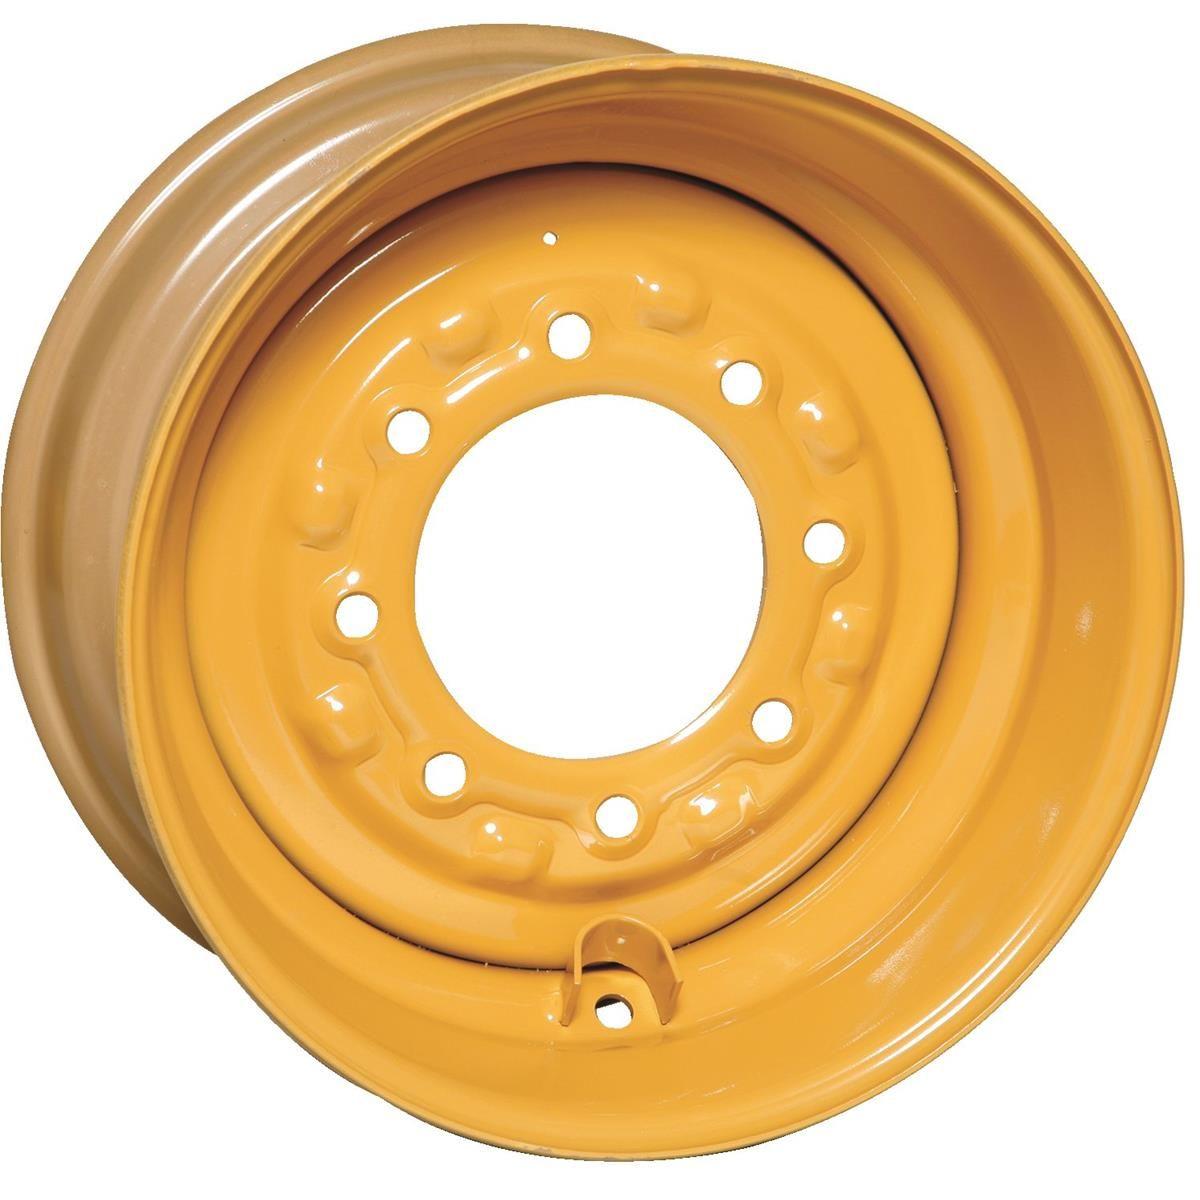 Диск колесный 8.25*16.5 BOBCAT S175 RIM диск BOBCAT под шину 10-16,5